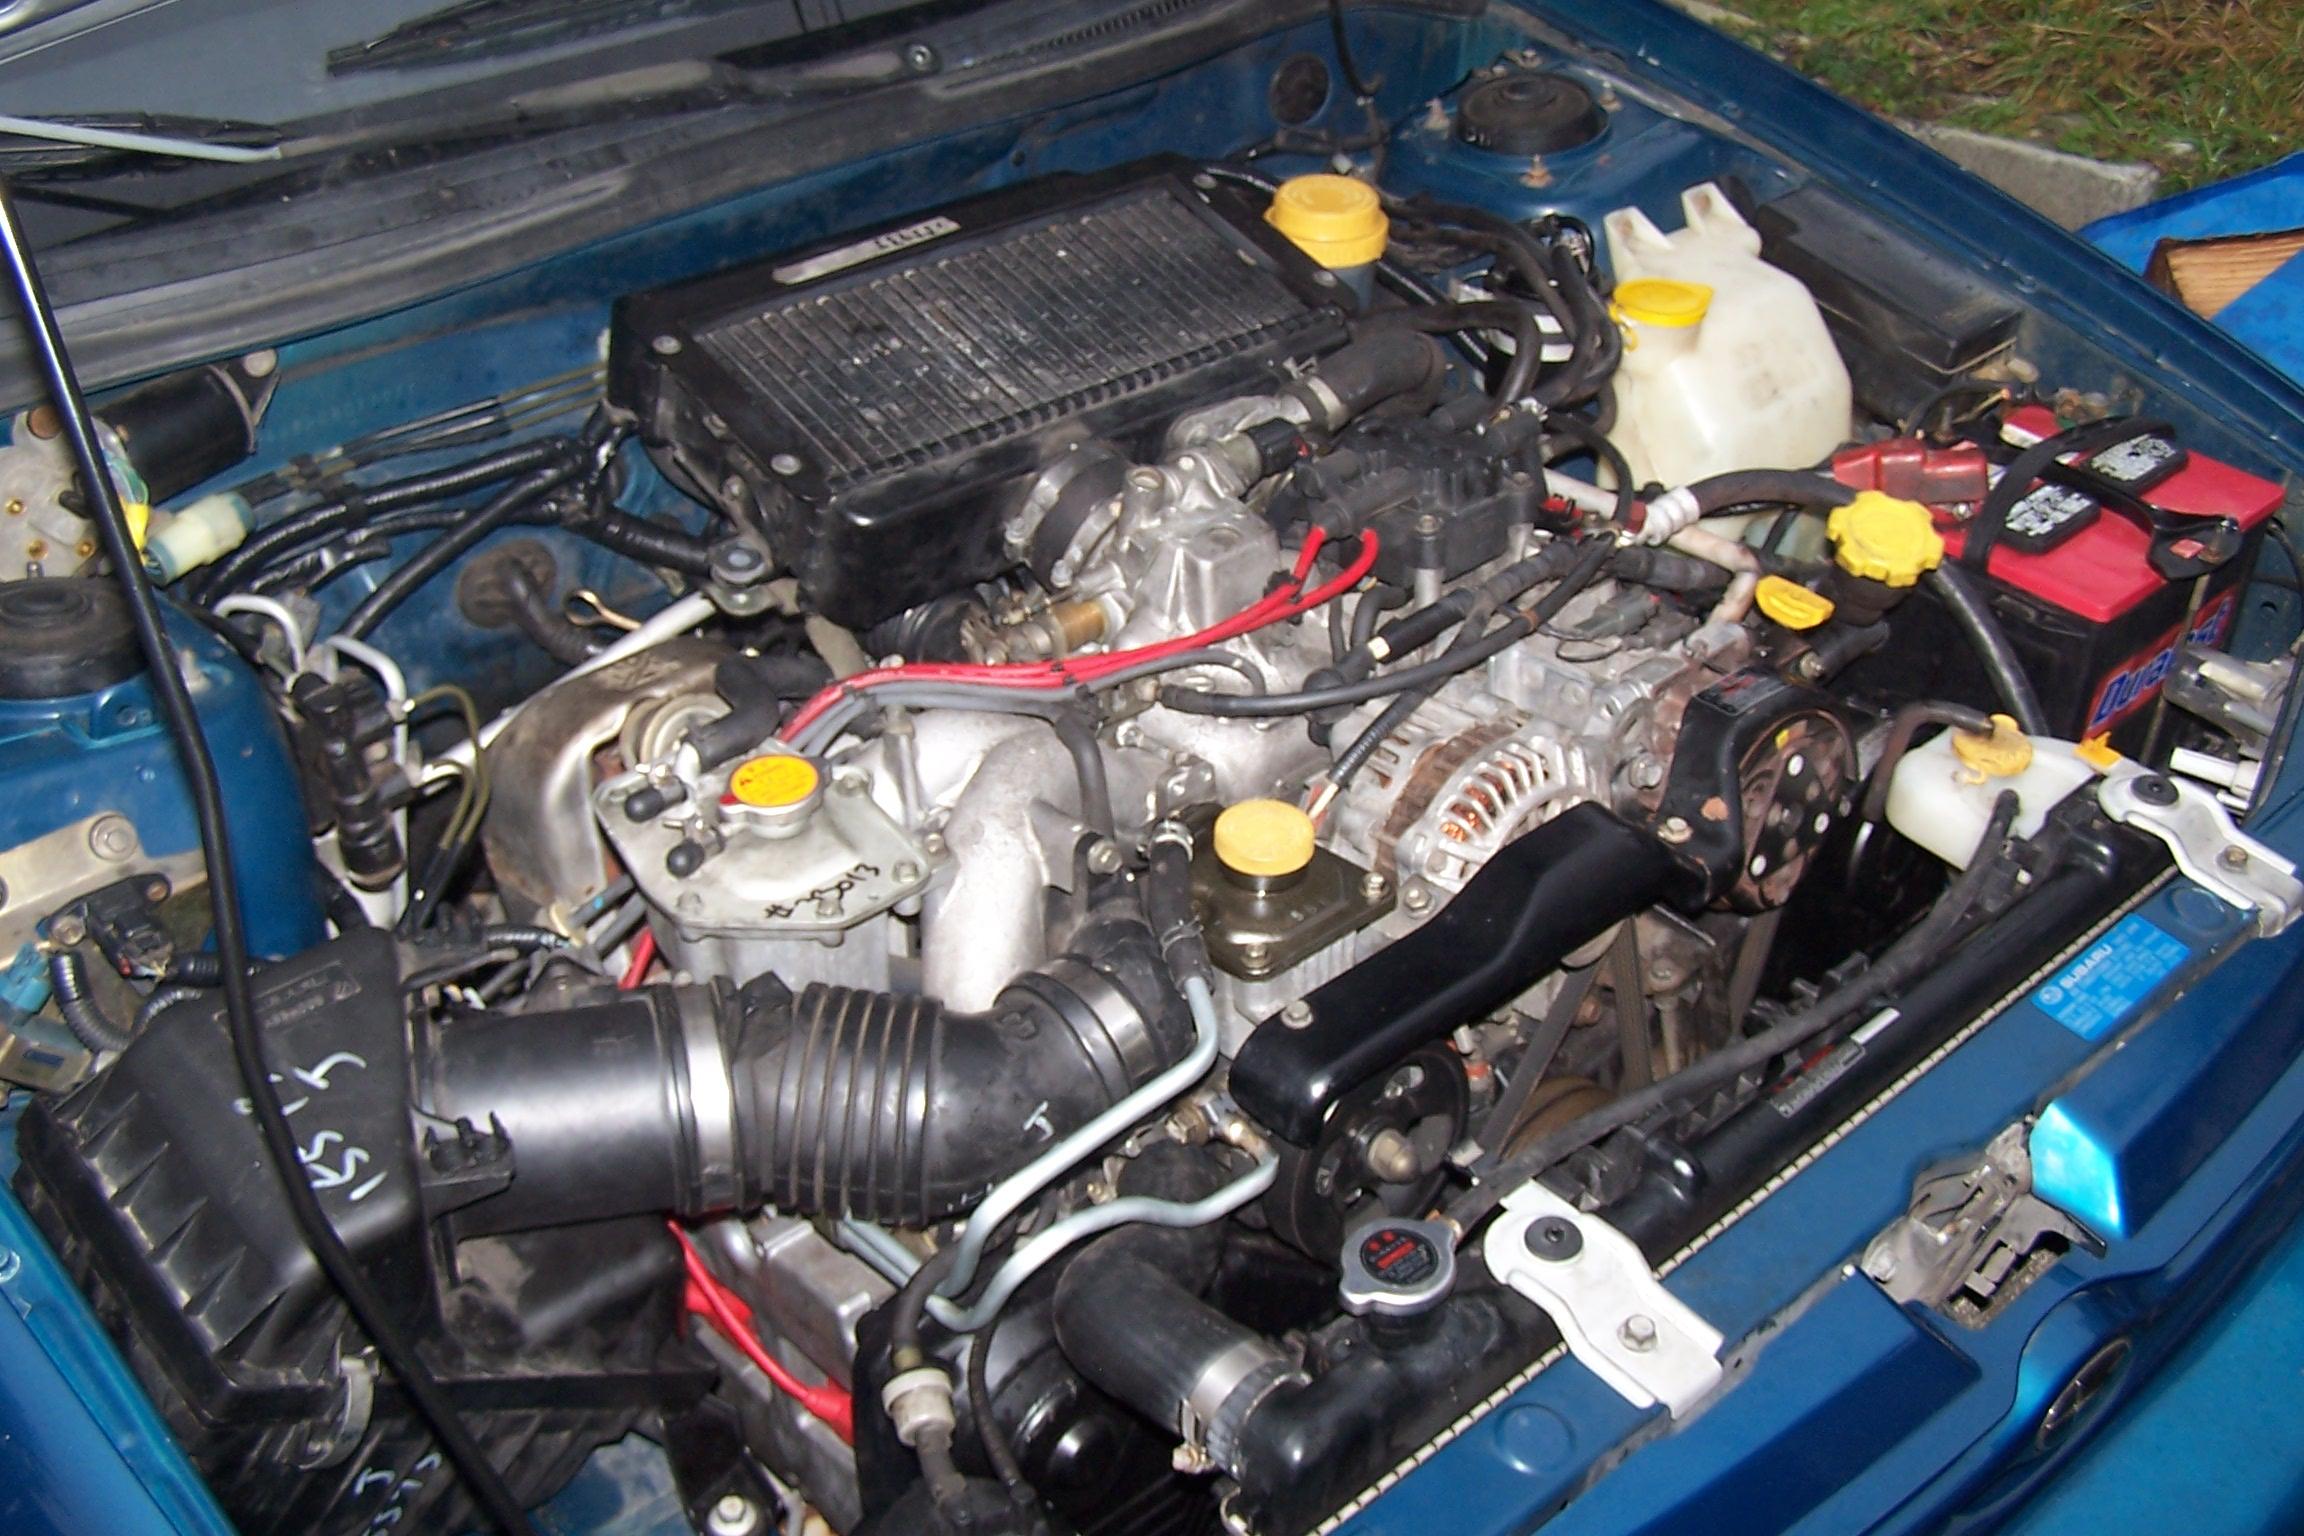 All Vaccum Lines On V5 V6 Wrx Nasioc Ej205 Engine Diagram Http Suberdavecom Usmb Ej207wap2026